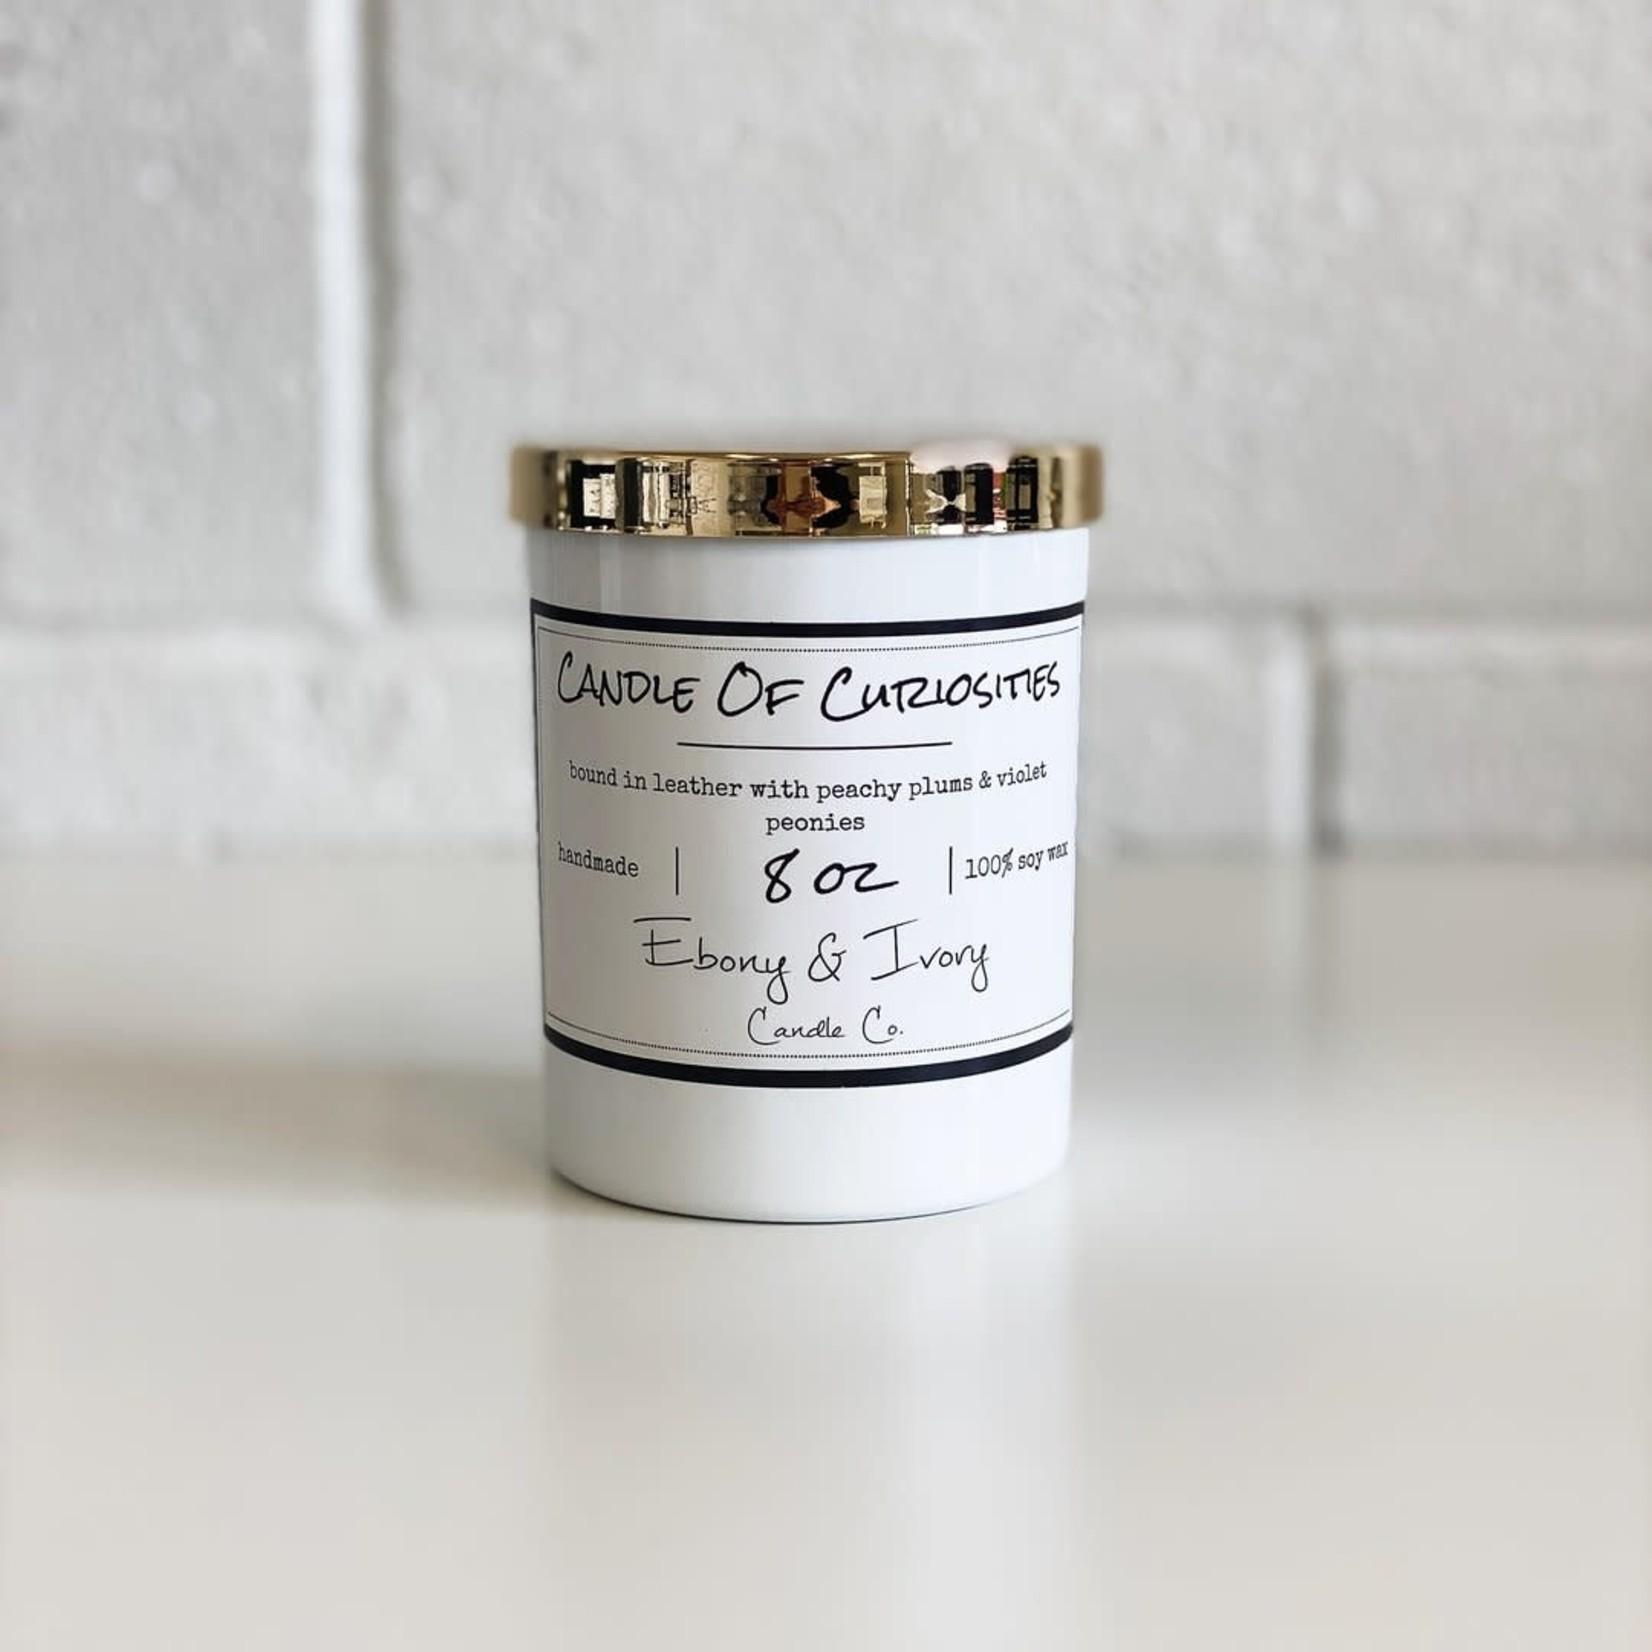 Ebony & Ivory Candle - Candle Of Curiosity